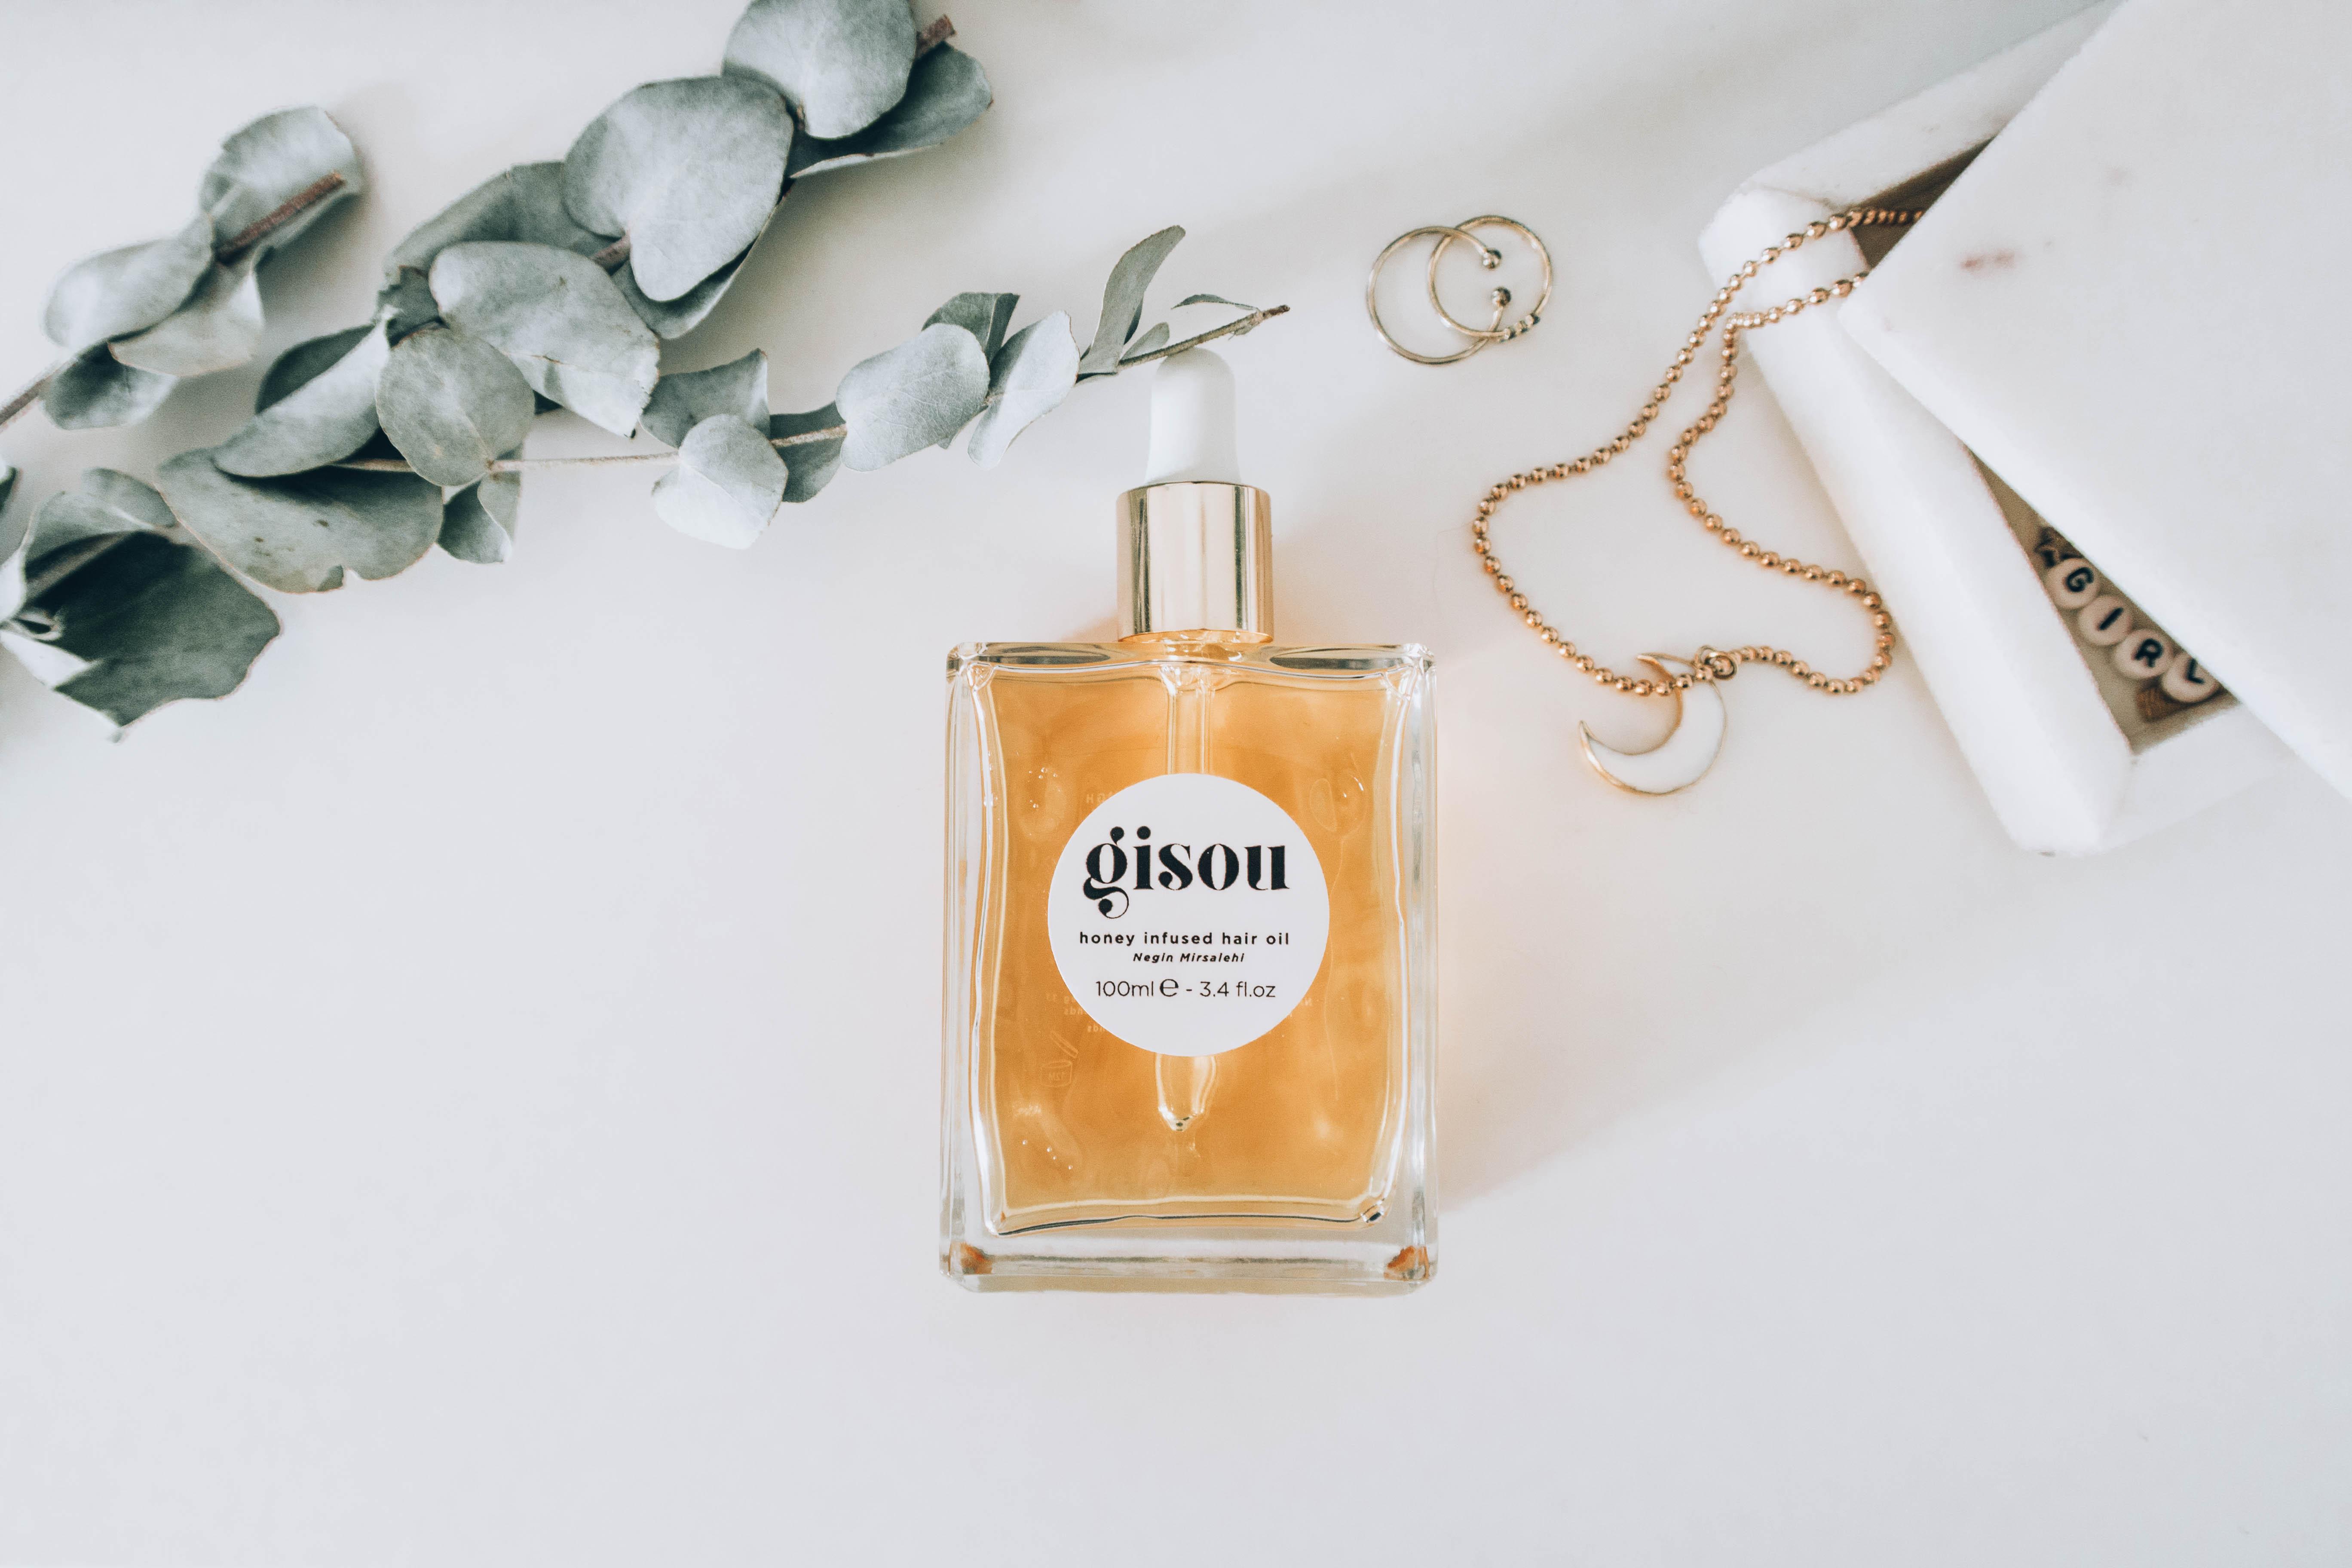 nouveautés soins beauté favoris dove déo 0% huile gisou svr cicavit origins rose clay mask blogueuse belge française